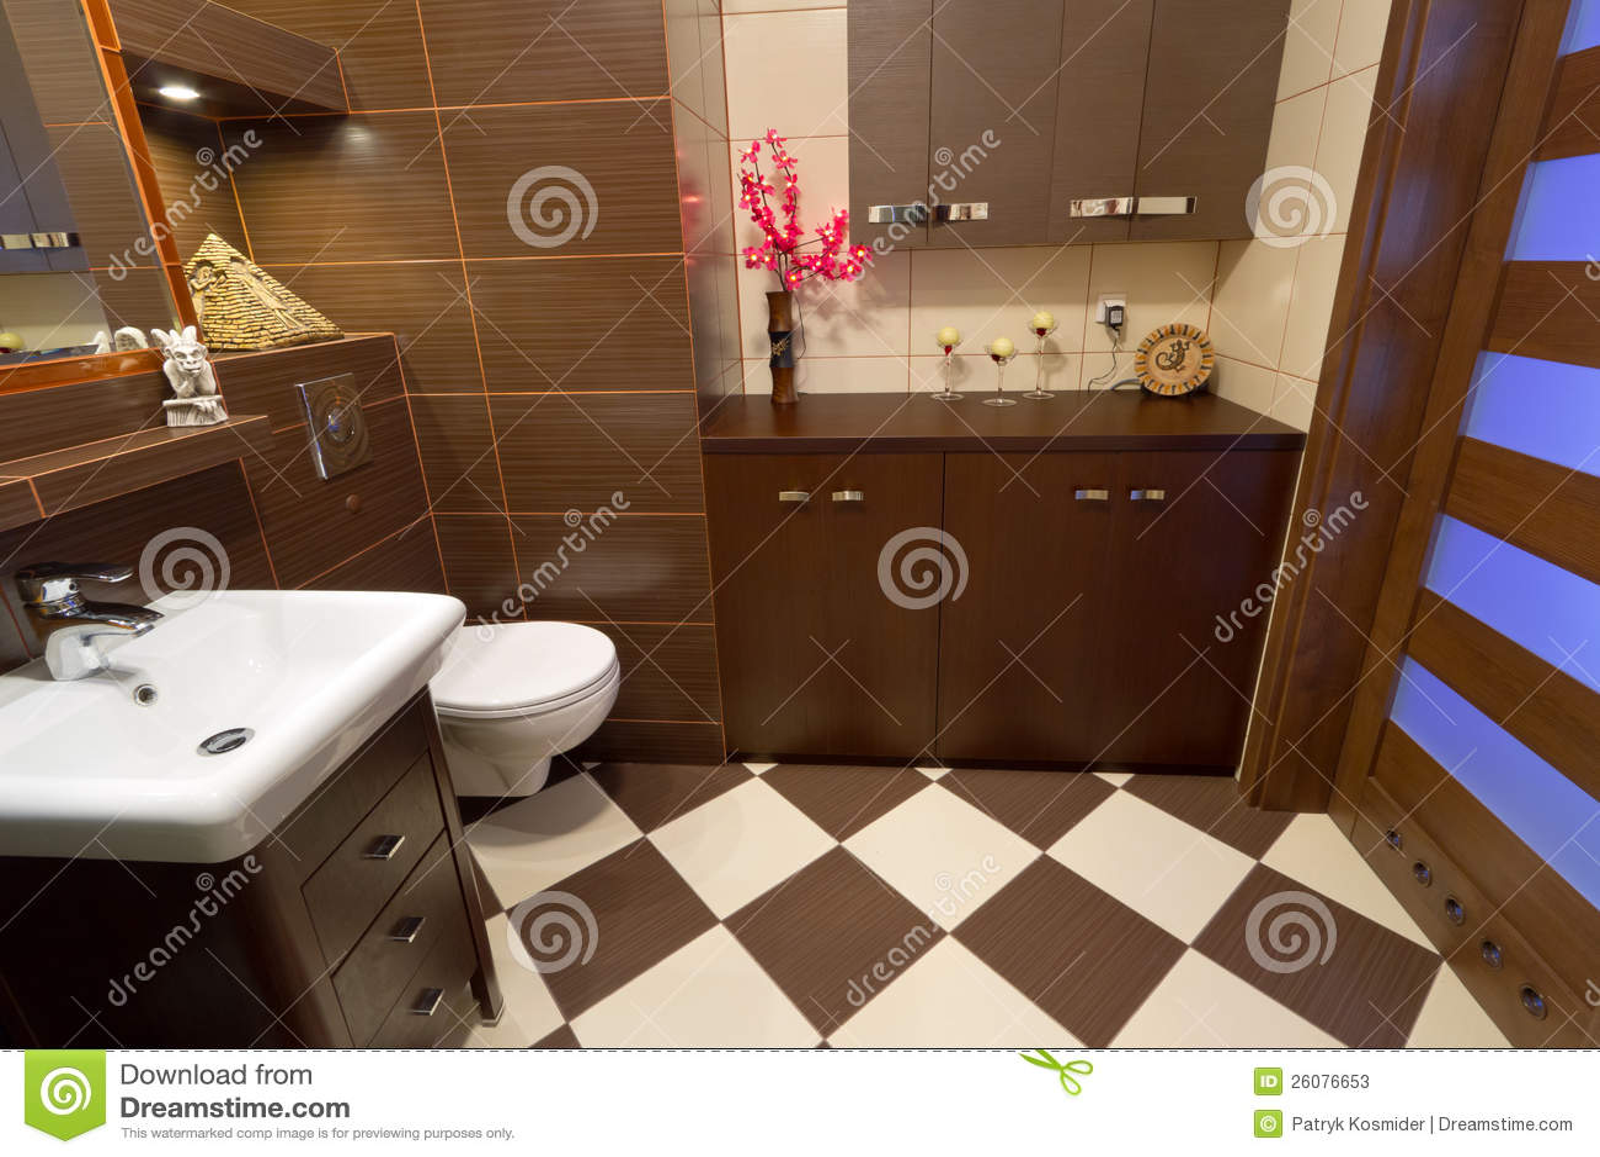 Interiore della stanza da bagno con le mattonelle marroni e beige immagine stock immagine di - Bagno marrone e beige ...